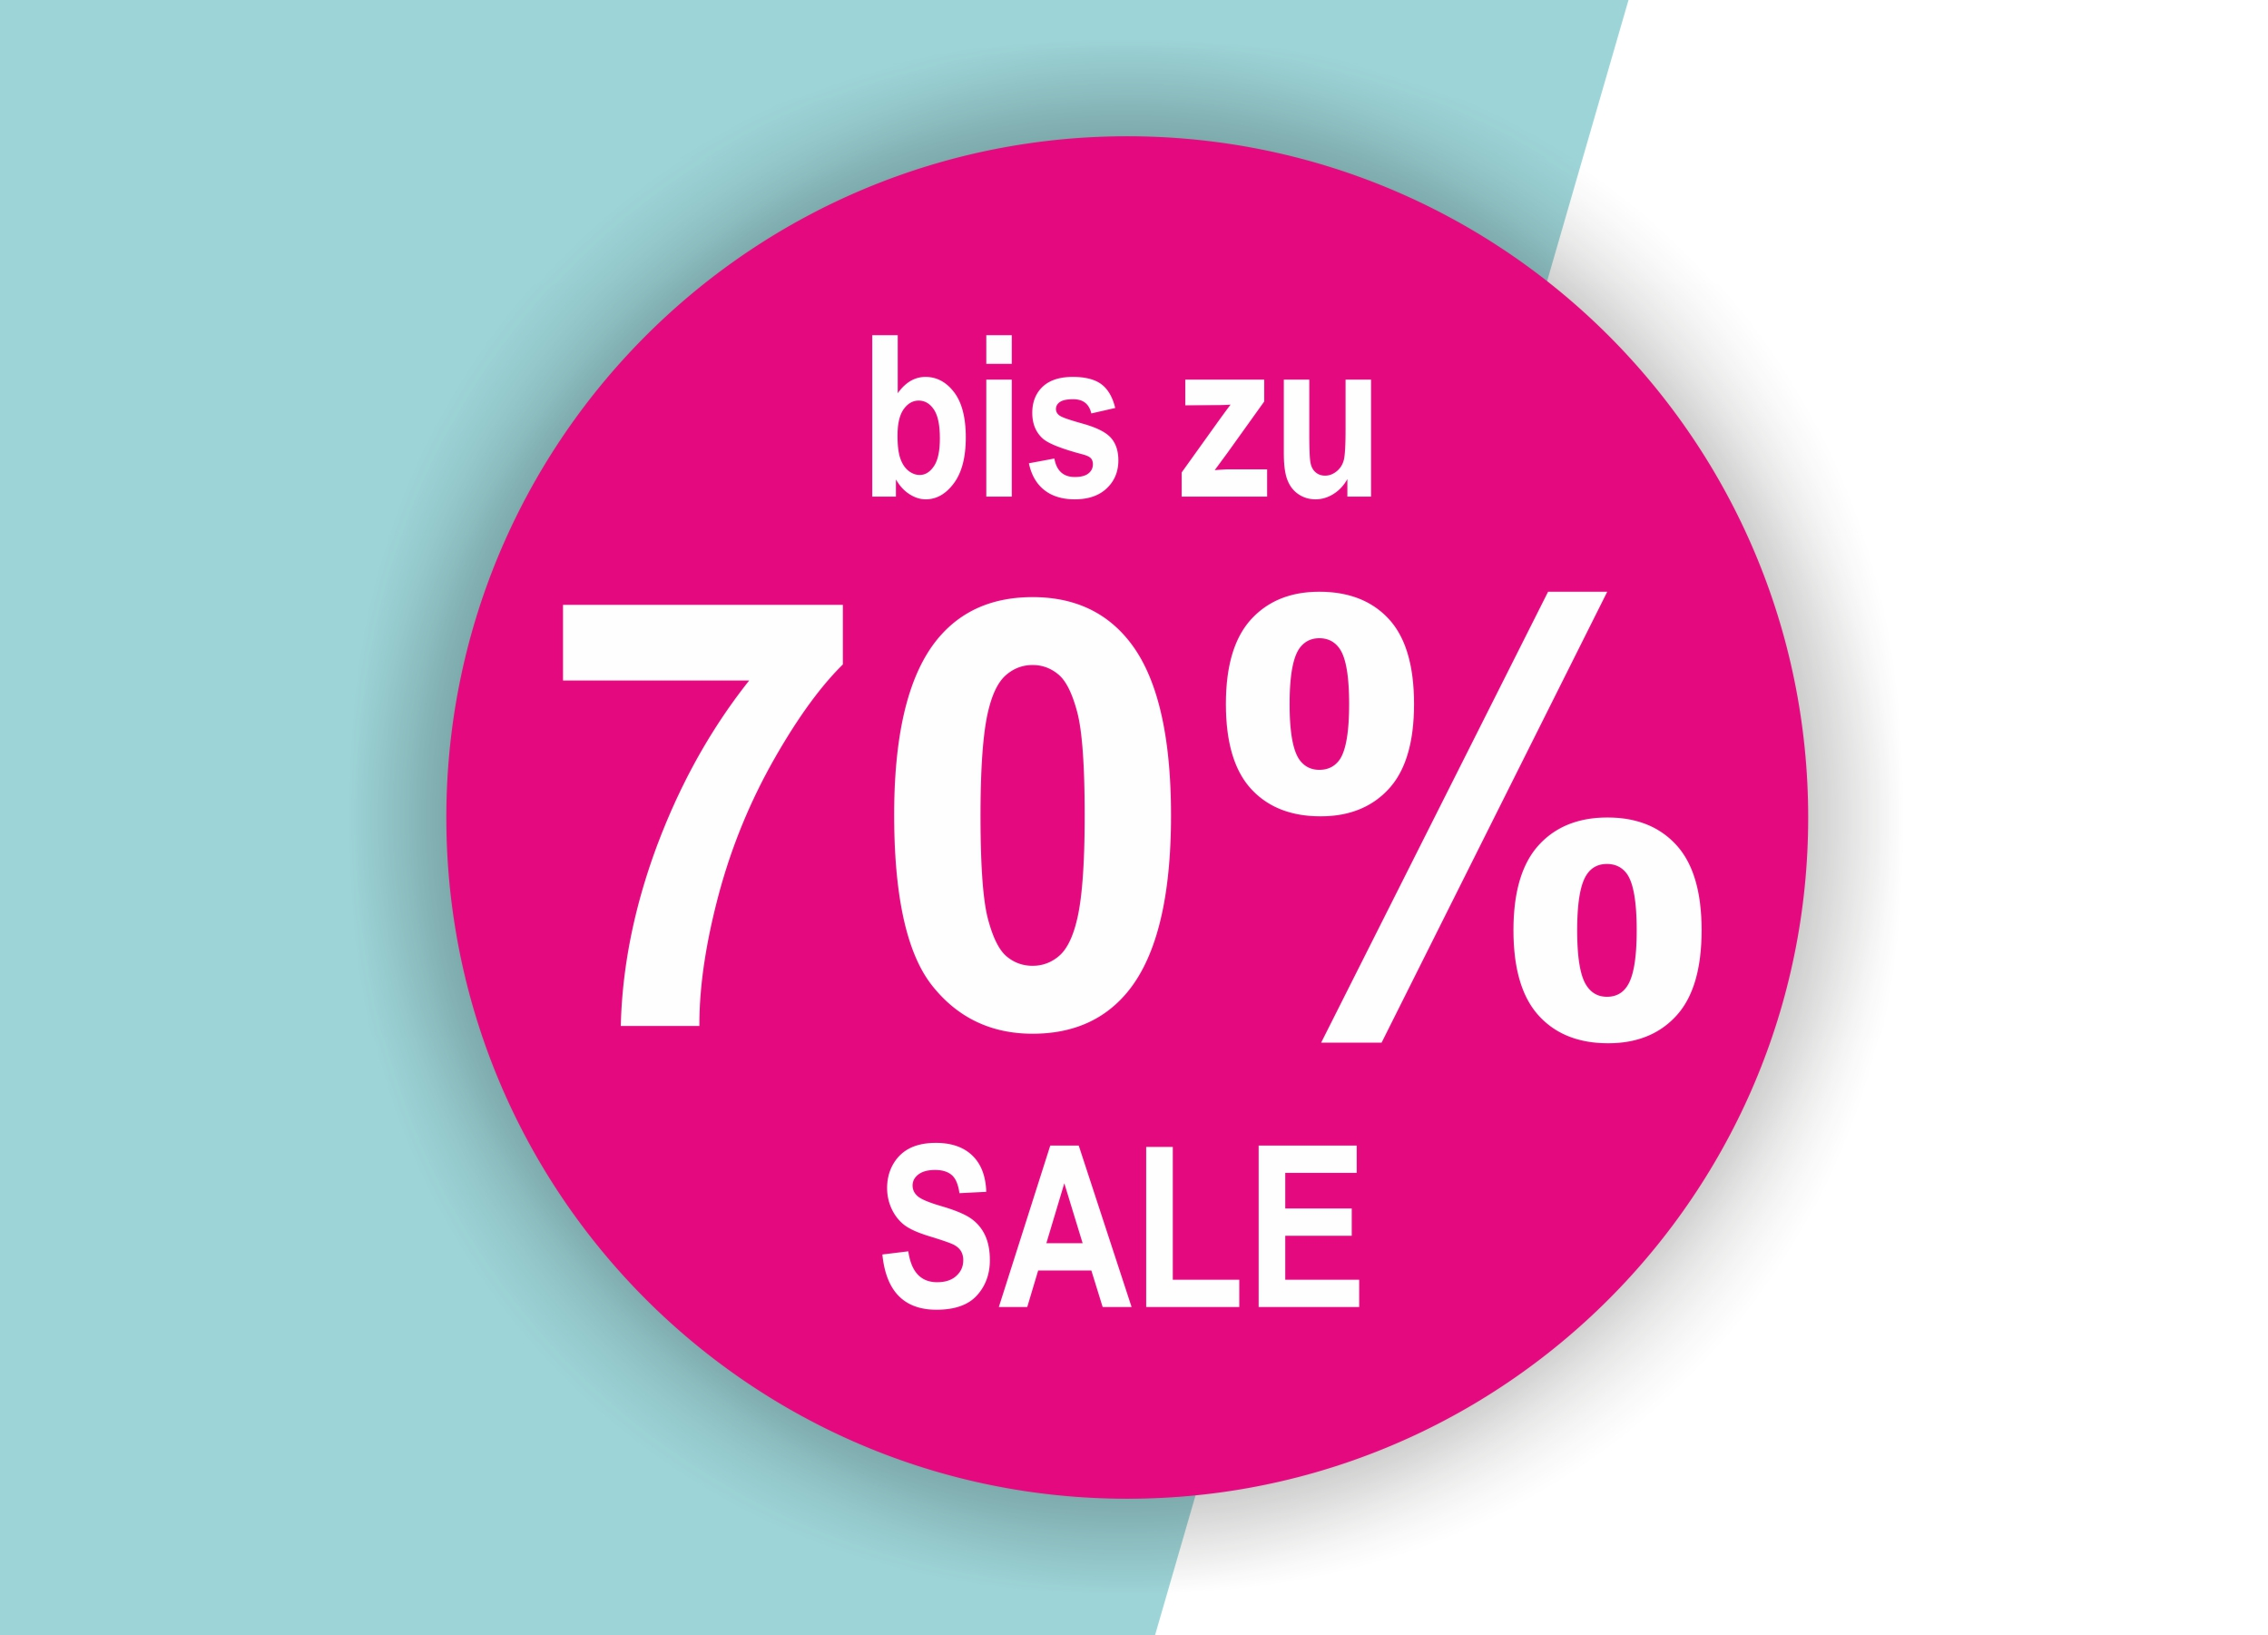 70% SALE Aufkleber Schaufenster Rabatt Ausverkauf Schlussverkauf SSV WSV % — Farbe: Pink-Weiß